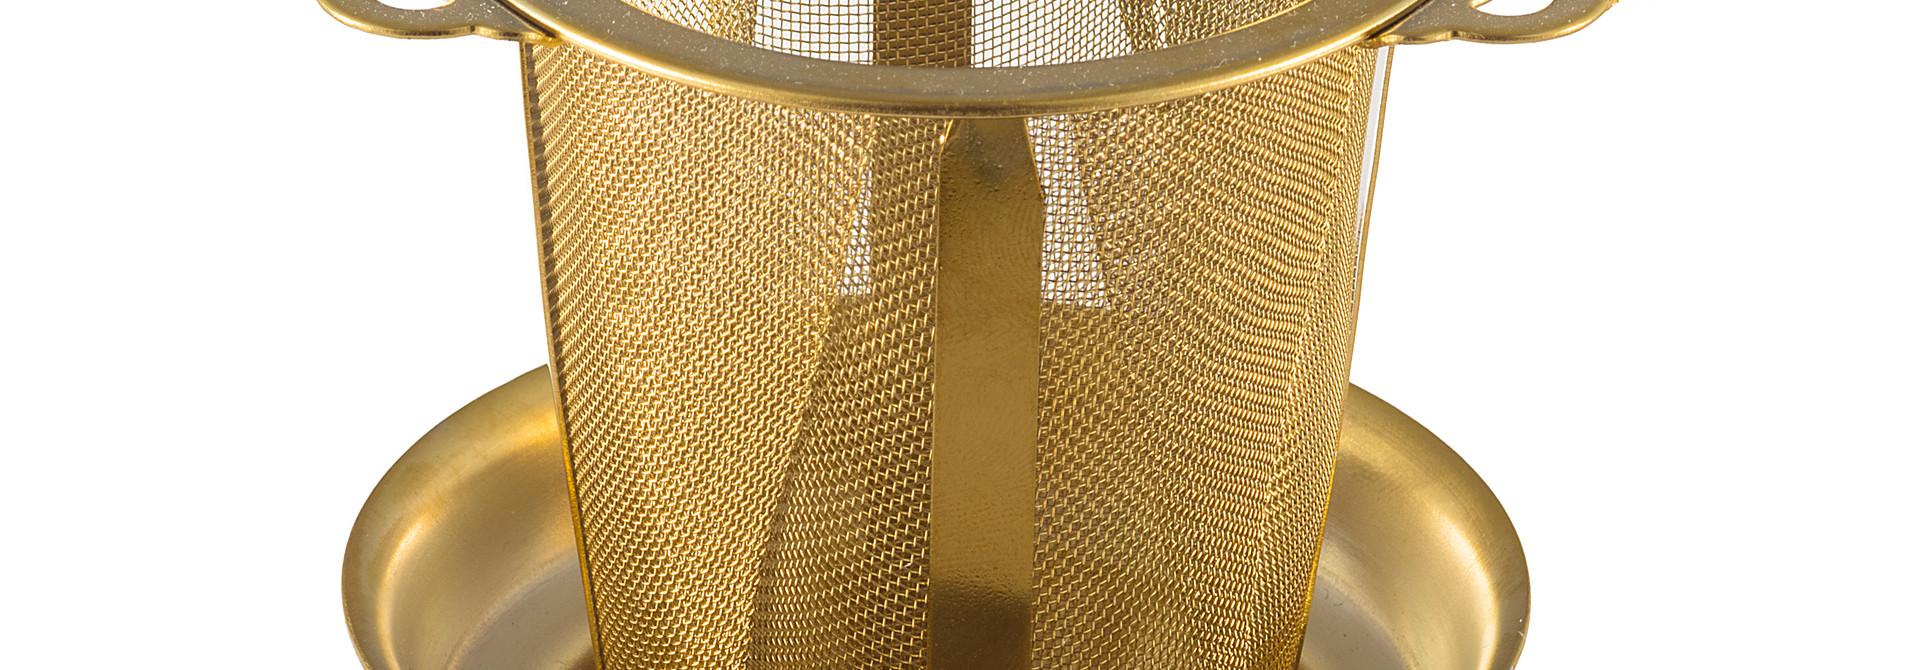 Permanentfilter Ornament met uitlekschaaltje - goudkleurig